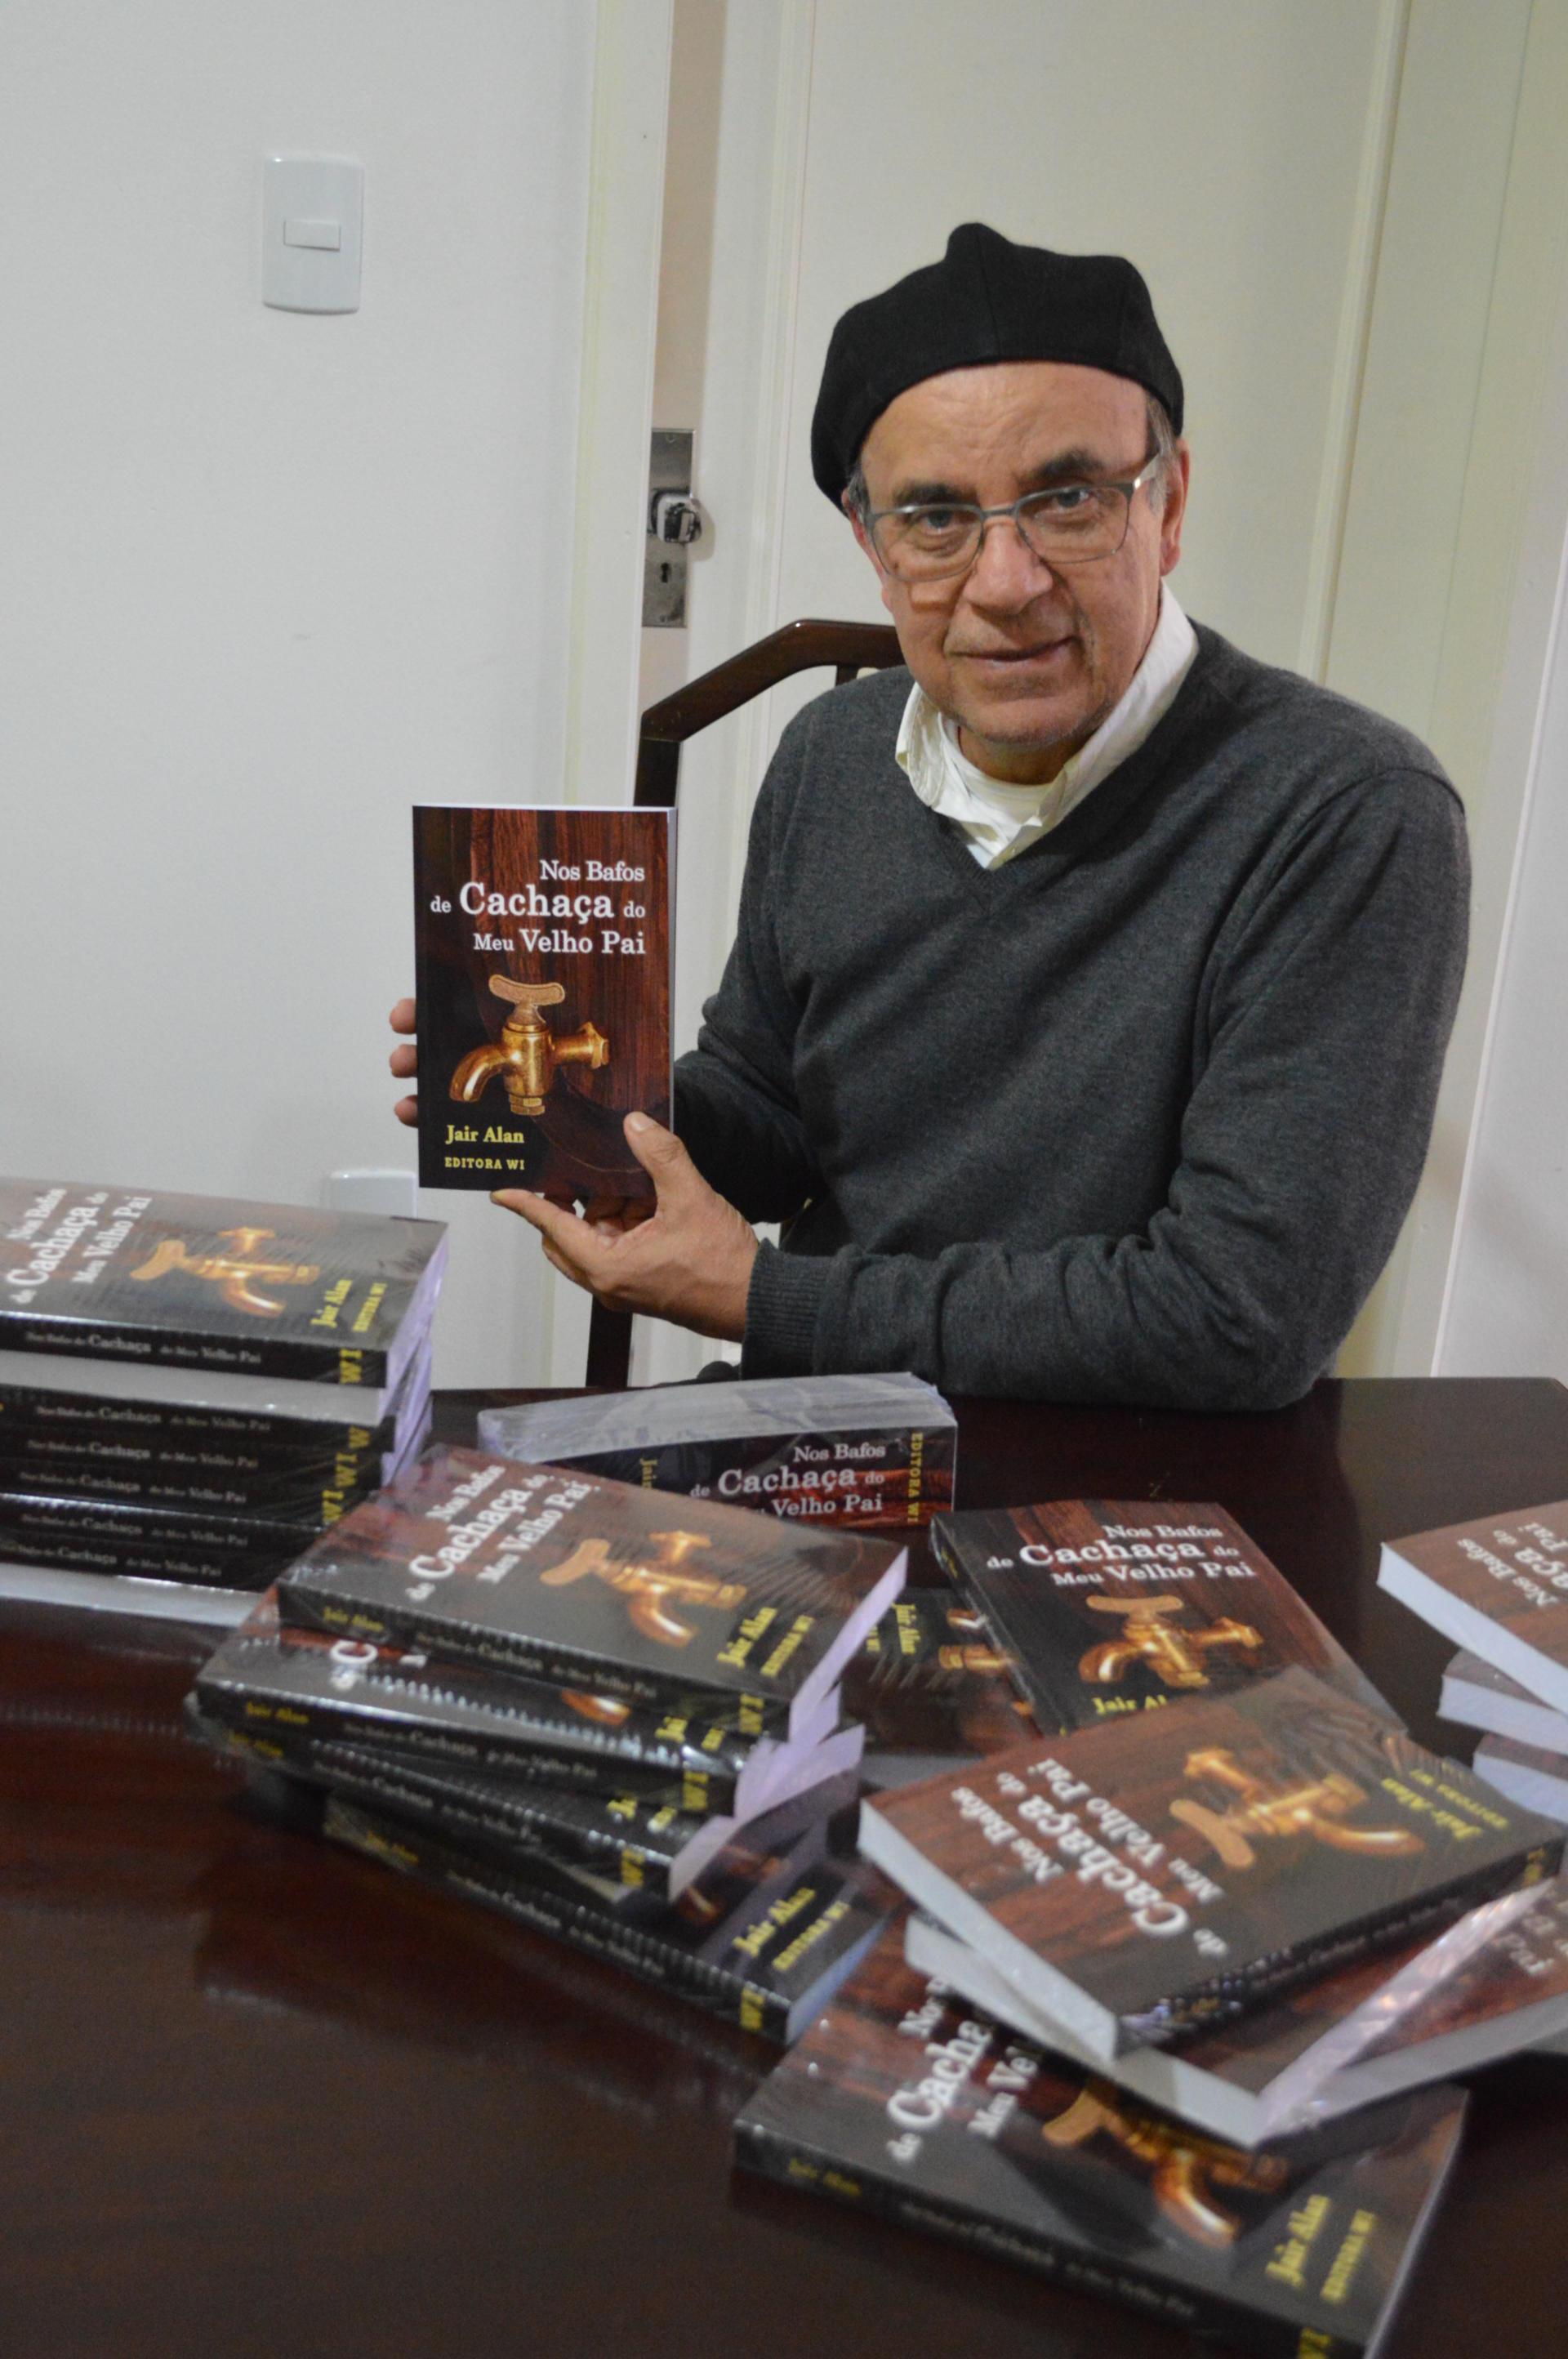 Foto colorida em pé mostra Jair Alan sentado com livros espalhados sobre a mesa